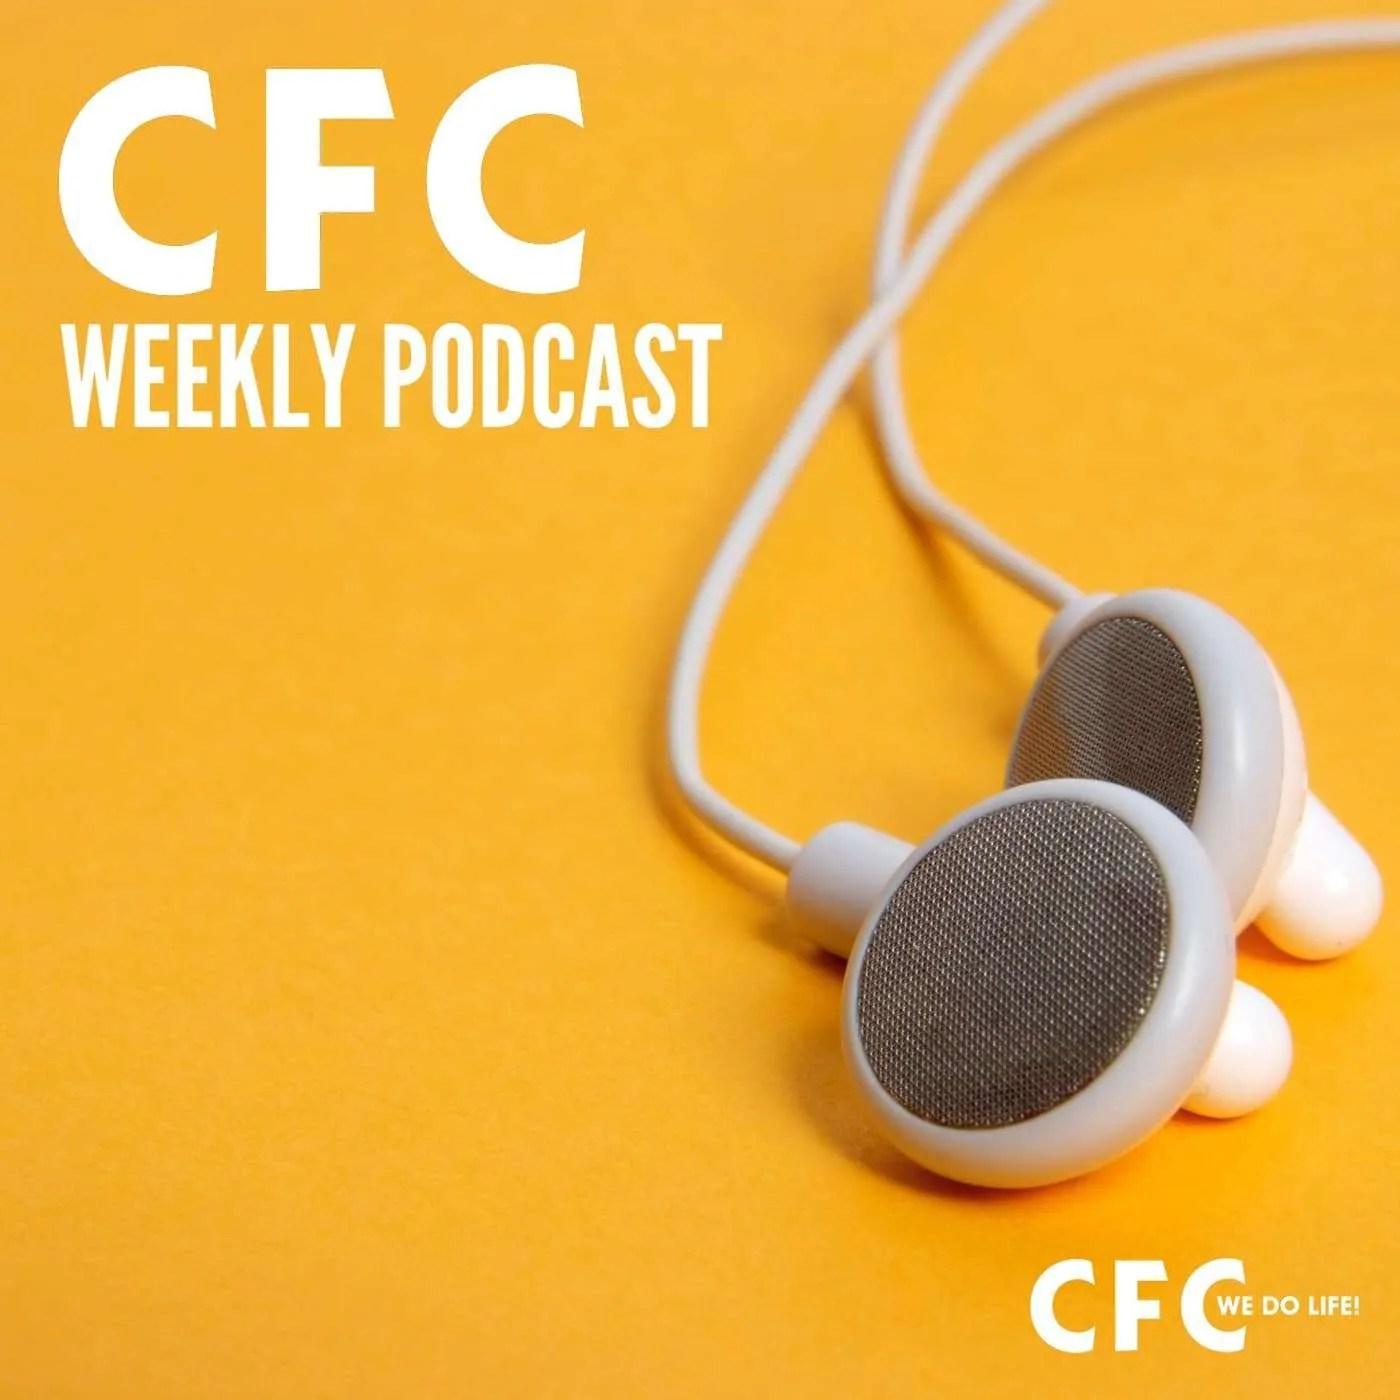 CFC Christian Fellowship Church Belfast